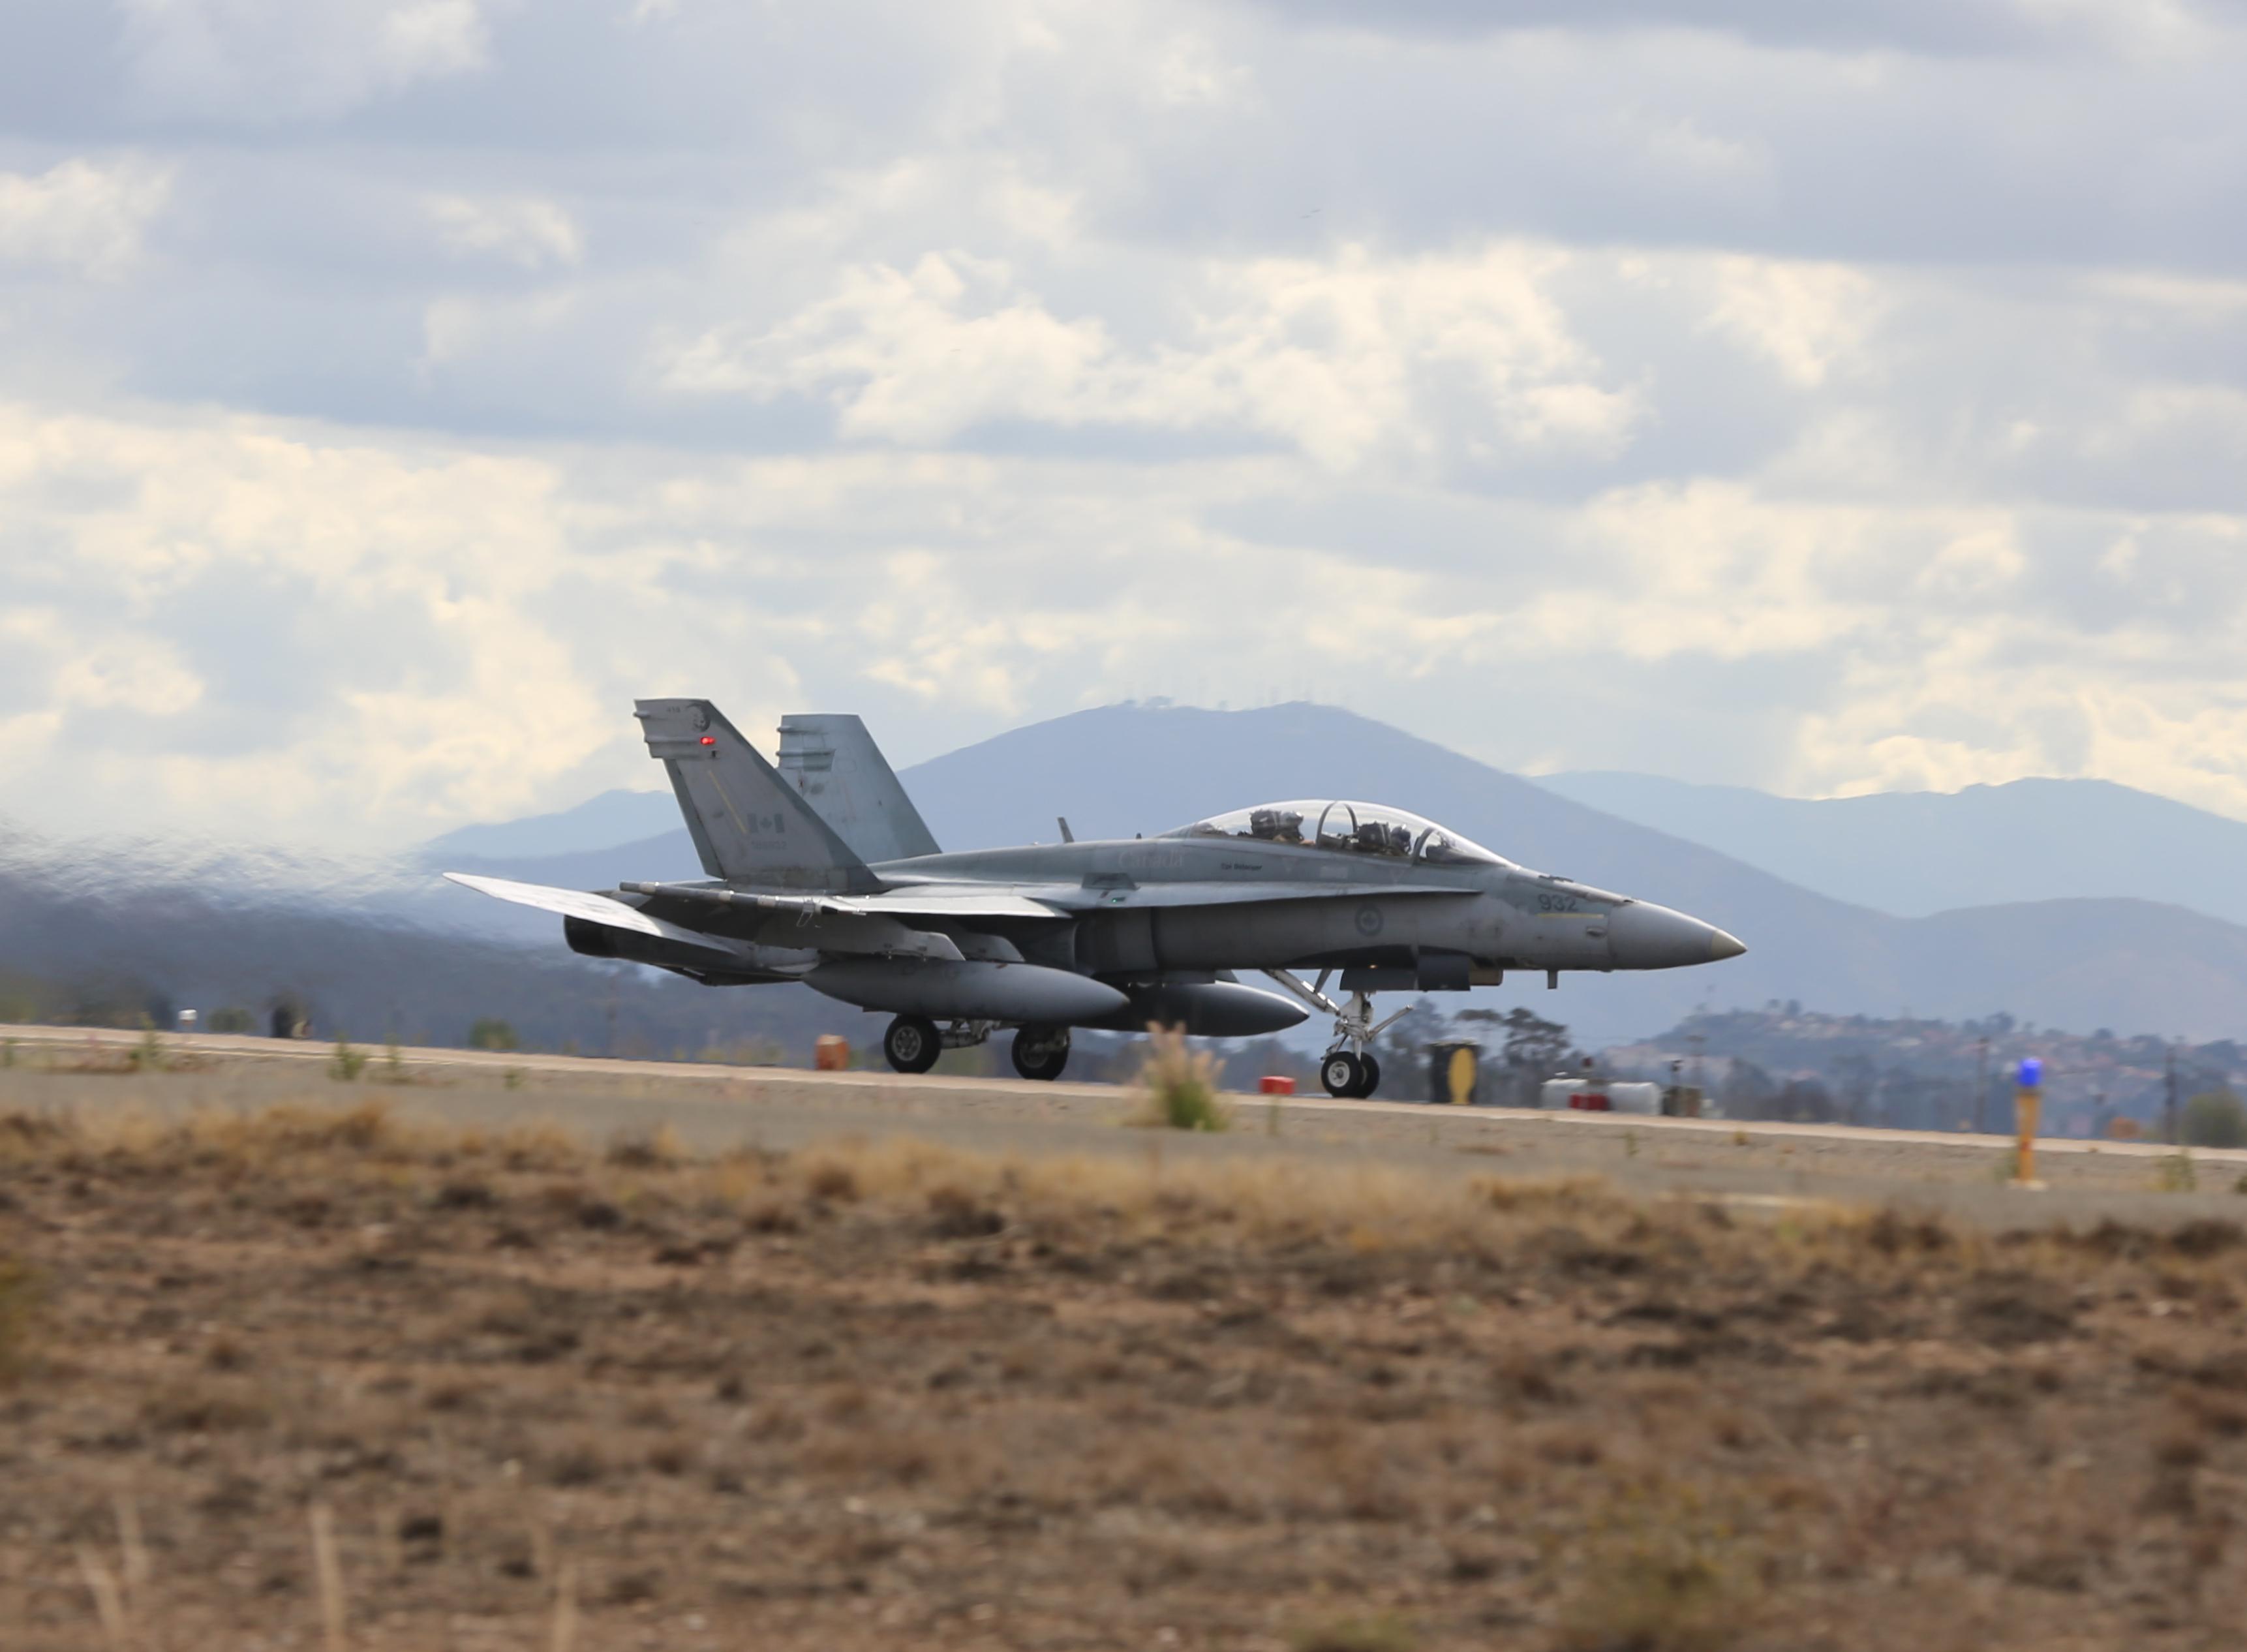 A CF-188 Hornet taxis on a runway in a desert.